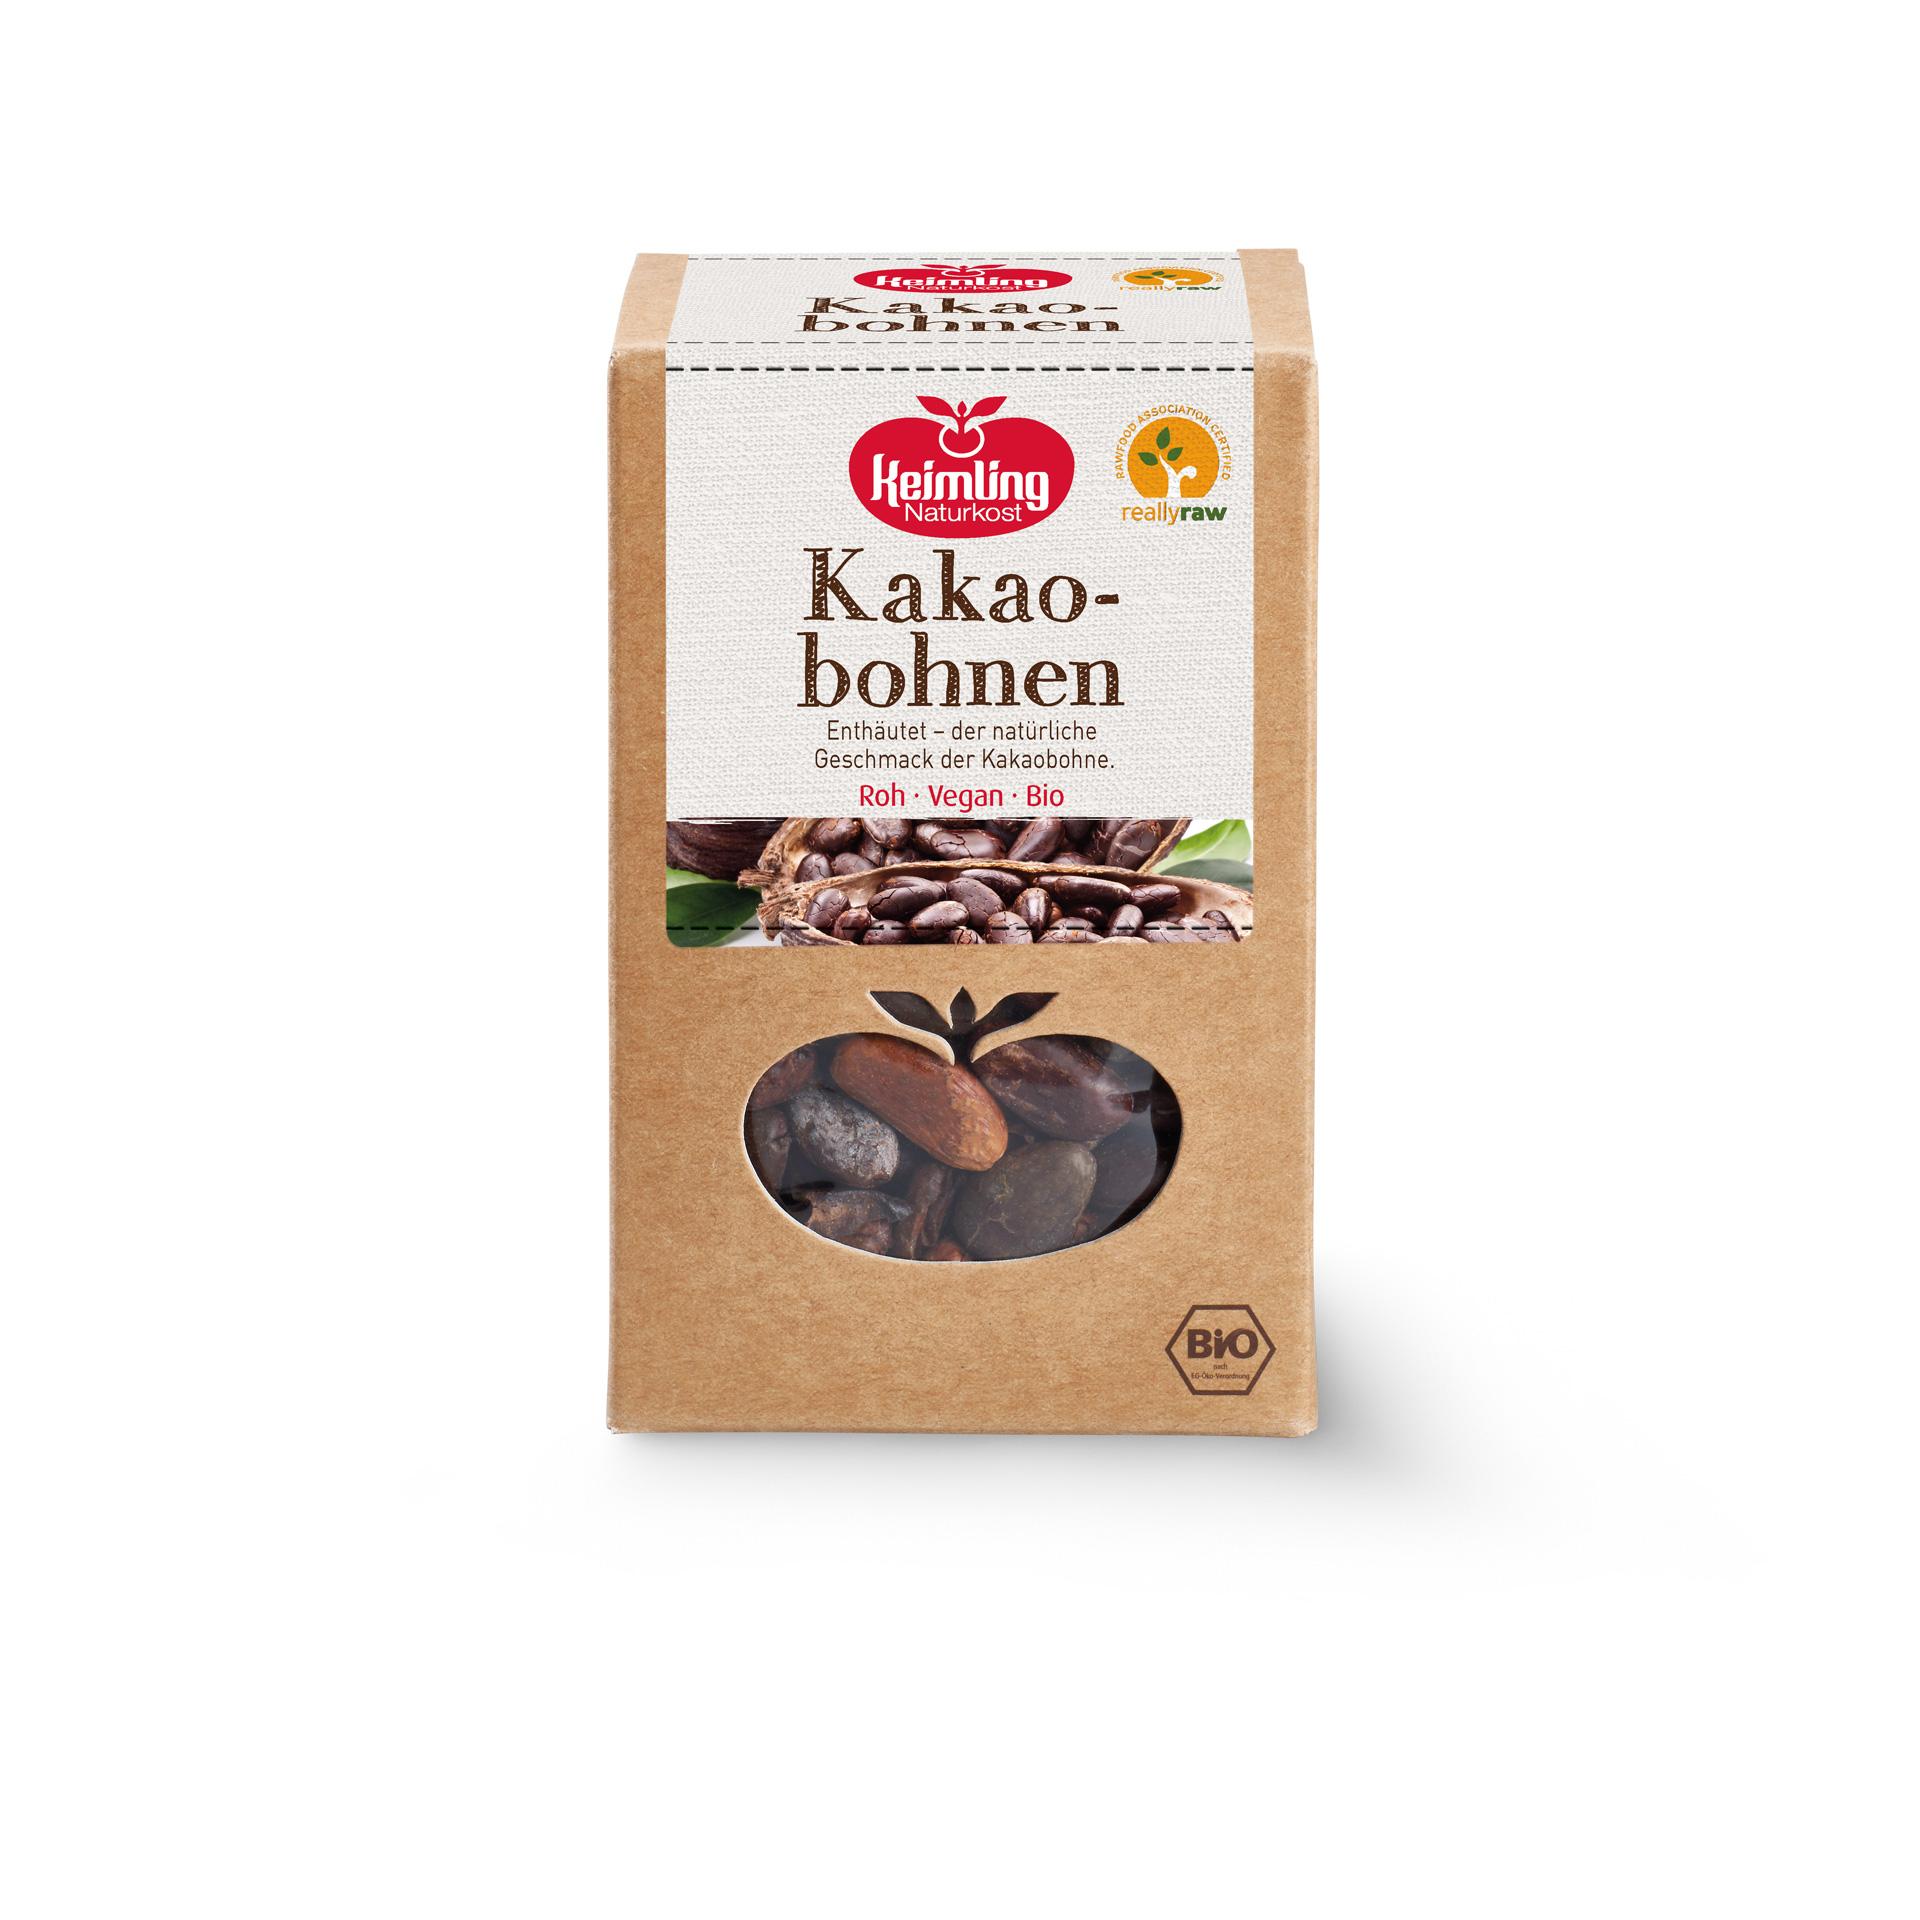 Enthäutete Kakaobohnen von Keimling NAturkost, really-raw zertifiziert